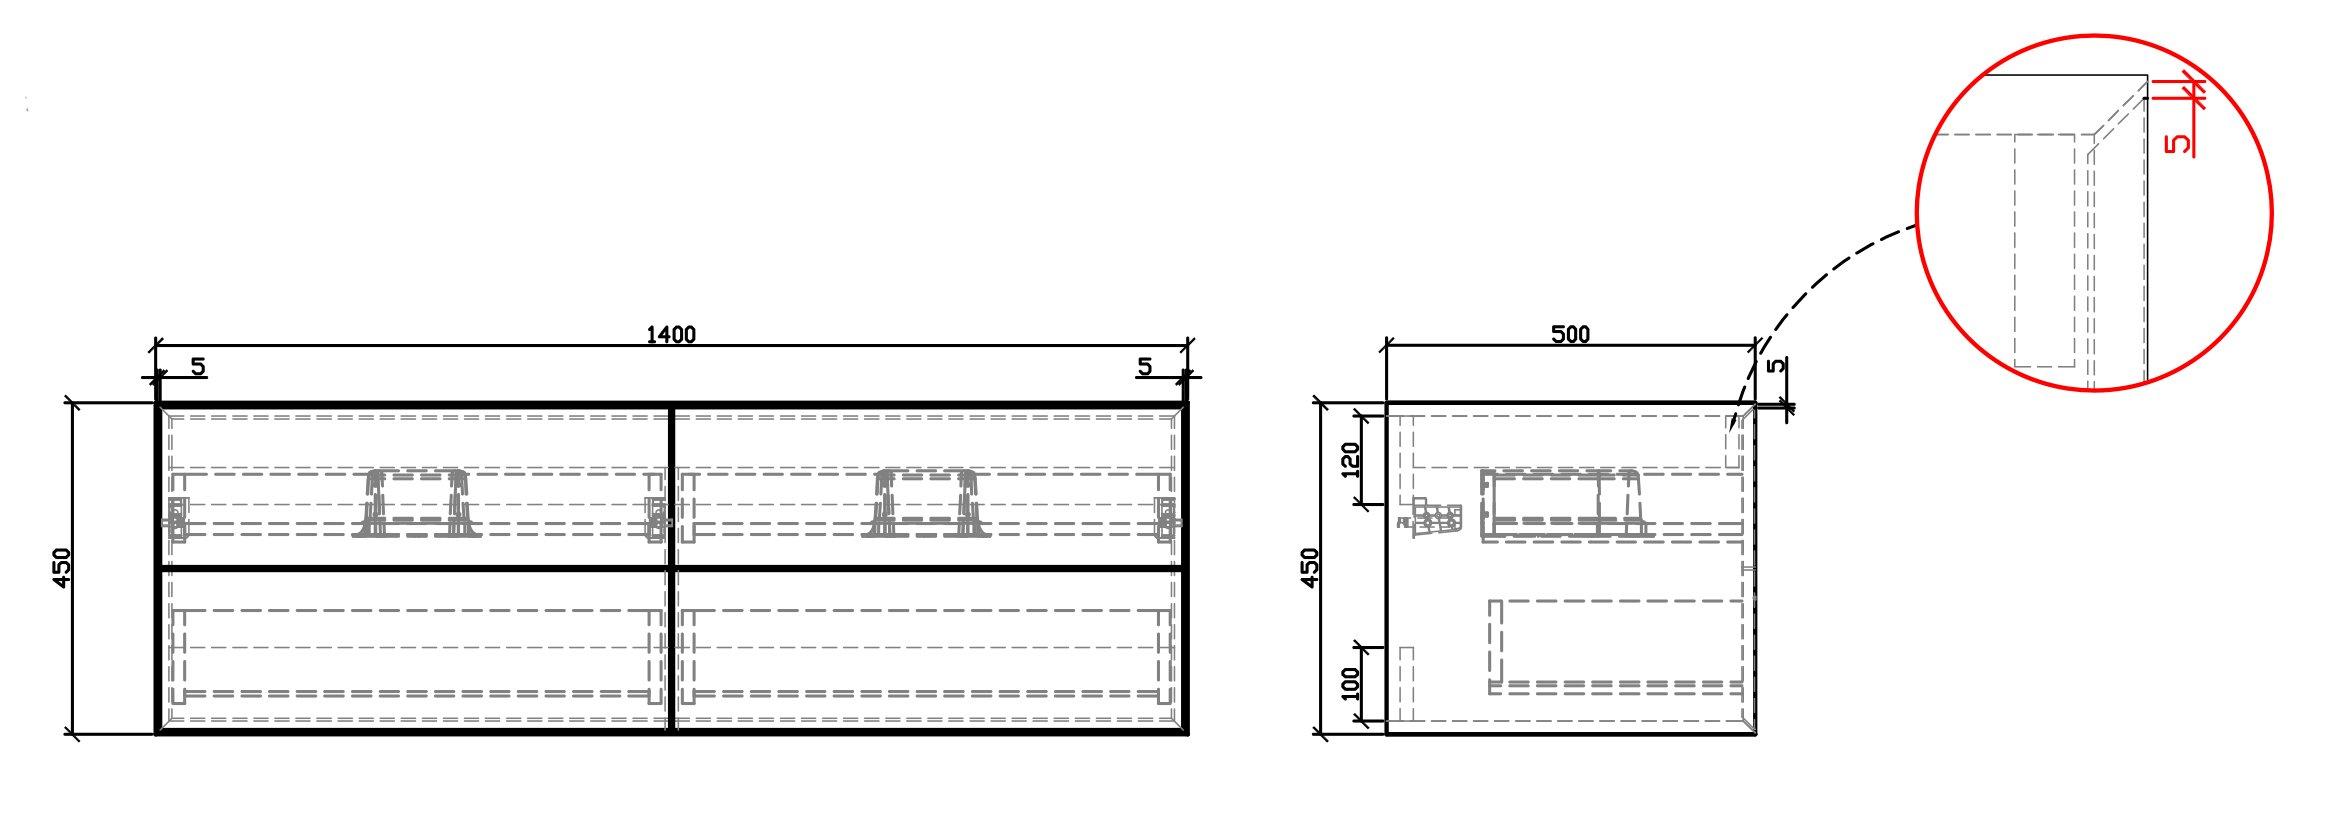 Badmöbel Milou 1400 Weiß matt - Spiegel und Aufsatzwaschbecken optional zoom thumbnail 3